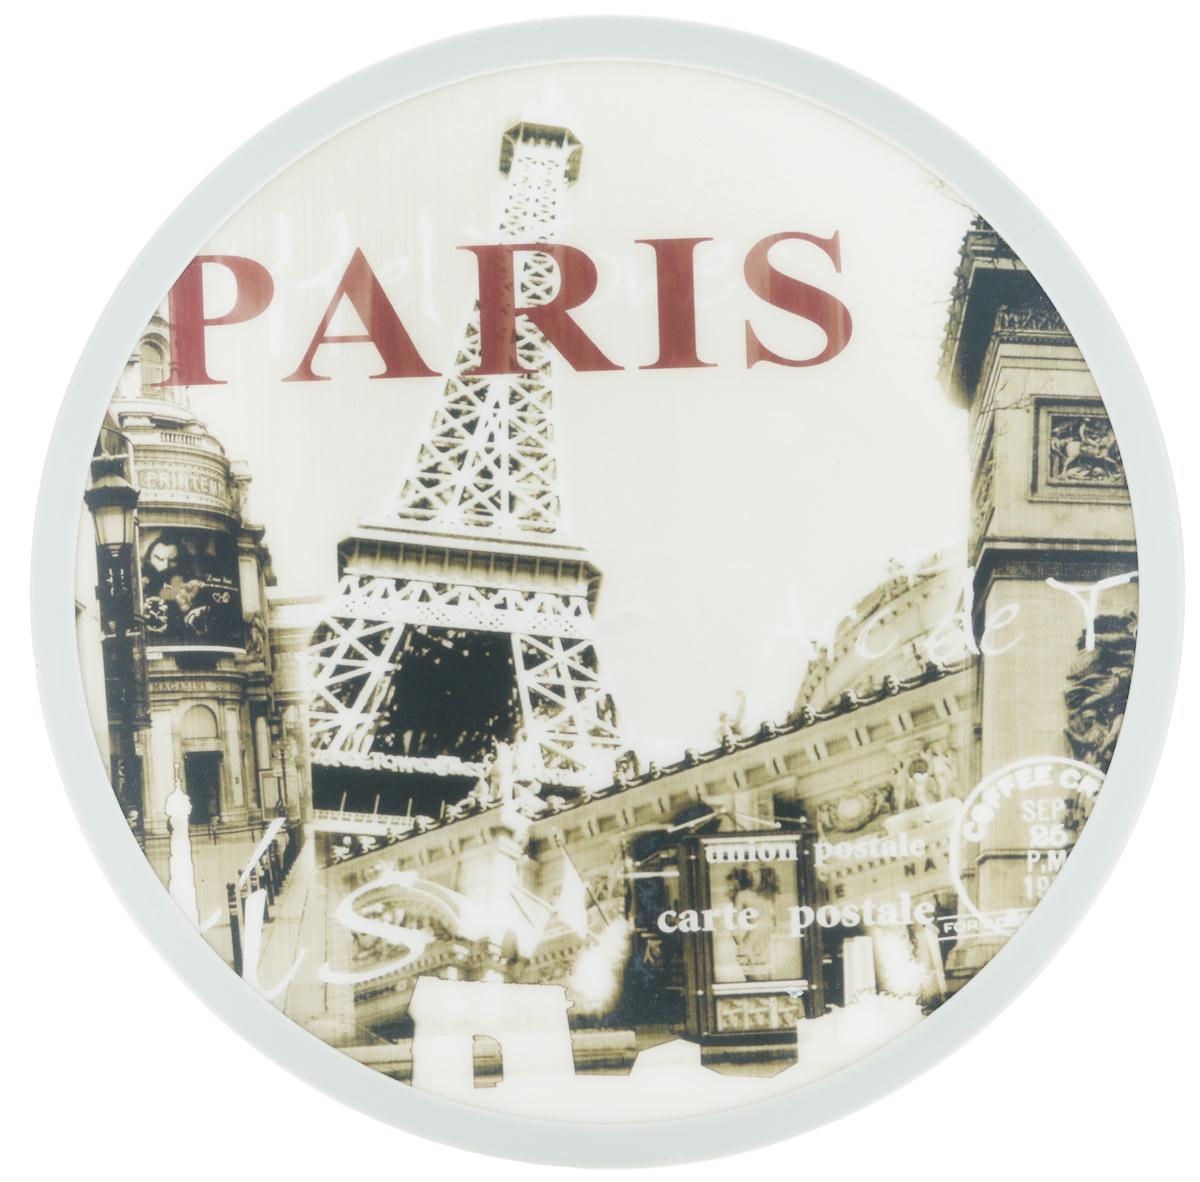 Доска разделочная Mayer & Boch Paris, вращающаяся, диаметр 30 см24775Вращающаяся разделочная доска Mayer & Boch Paris, выполненная из высококачественного пластика и дерева, станет незаменимым аксессуаром на вашей кухне. Доска декорирована красочными рисунками и надписями. Антибактериальное покрытие защищает от плесени, грибков и неприятных запахов. Изделие предназначено для измельчения продуктов. Доска вращается на 360°, что делает ее еще и отличным аксессуаром для сервировки пищи. Такая доска прекрасно впишется в интерьер любой кухни и прослужит вам долгие годы. Диаметр доски: 30 см. Диаметр основания: 18 см. Высота: 4 см.